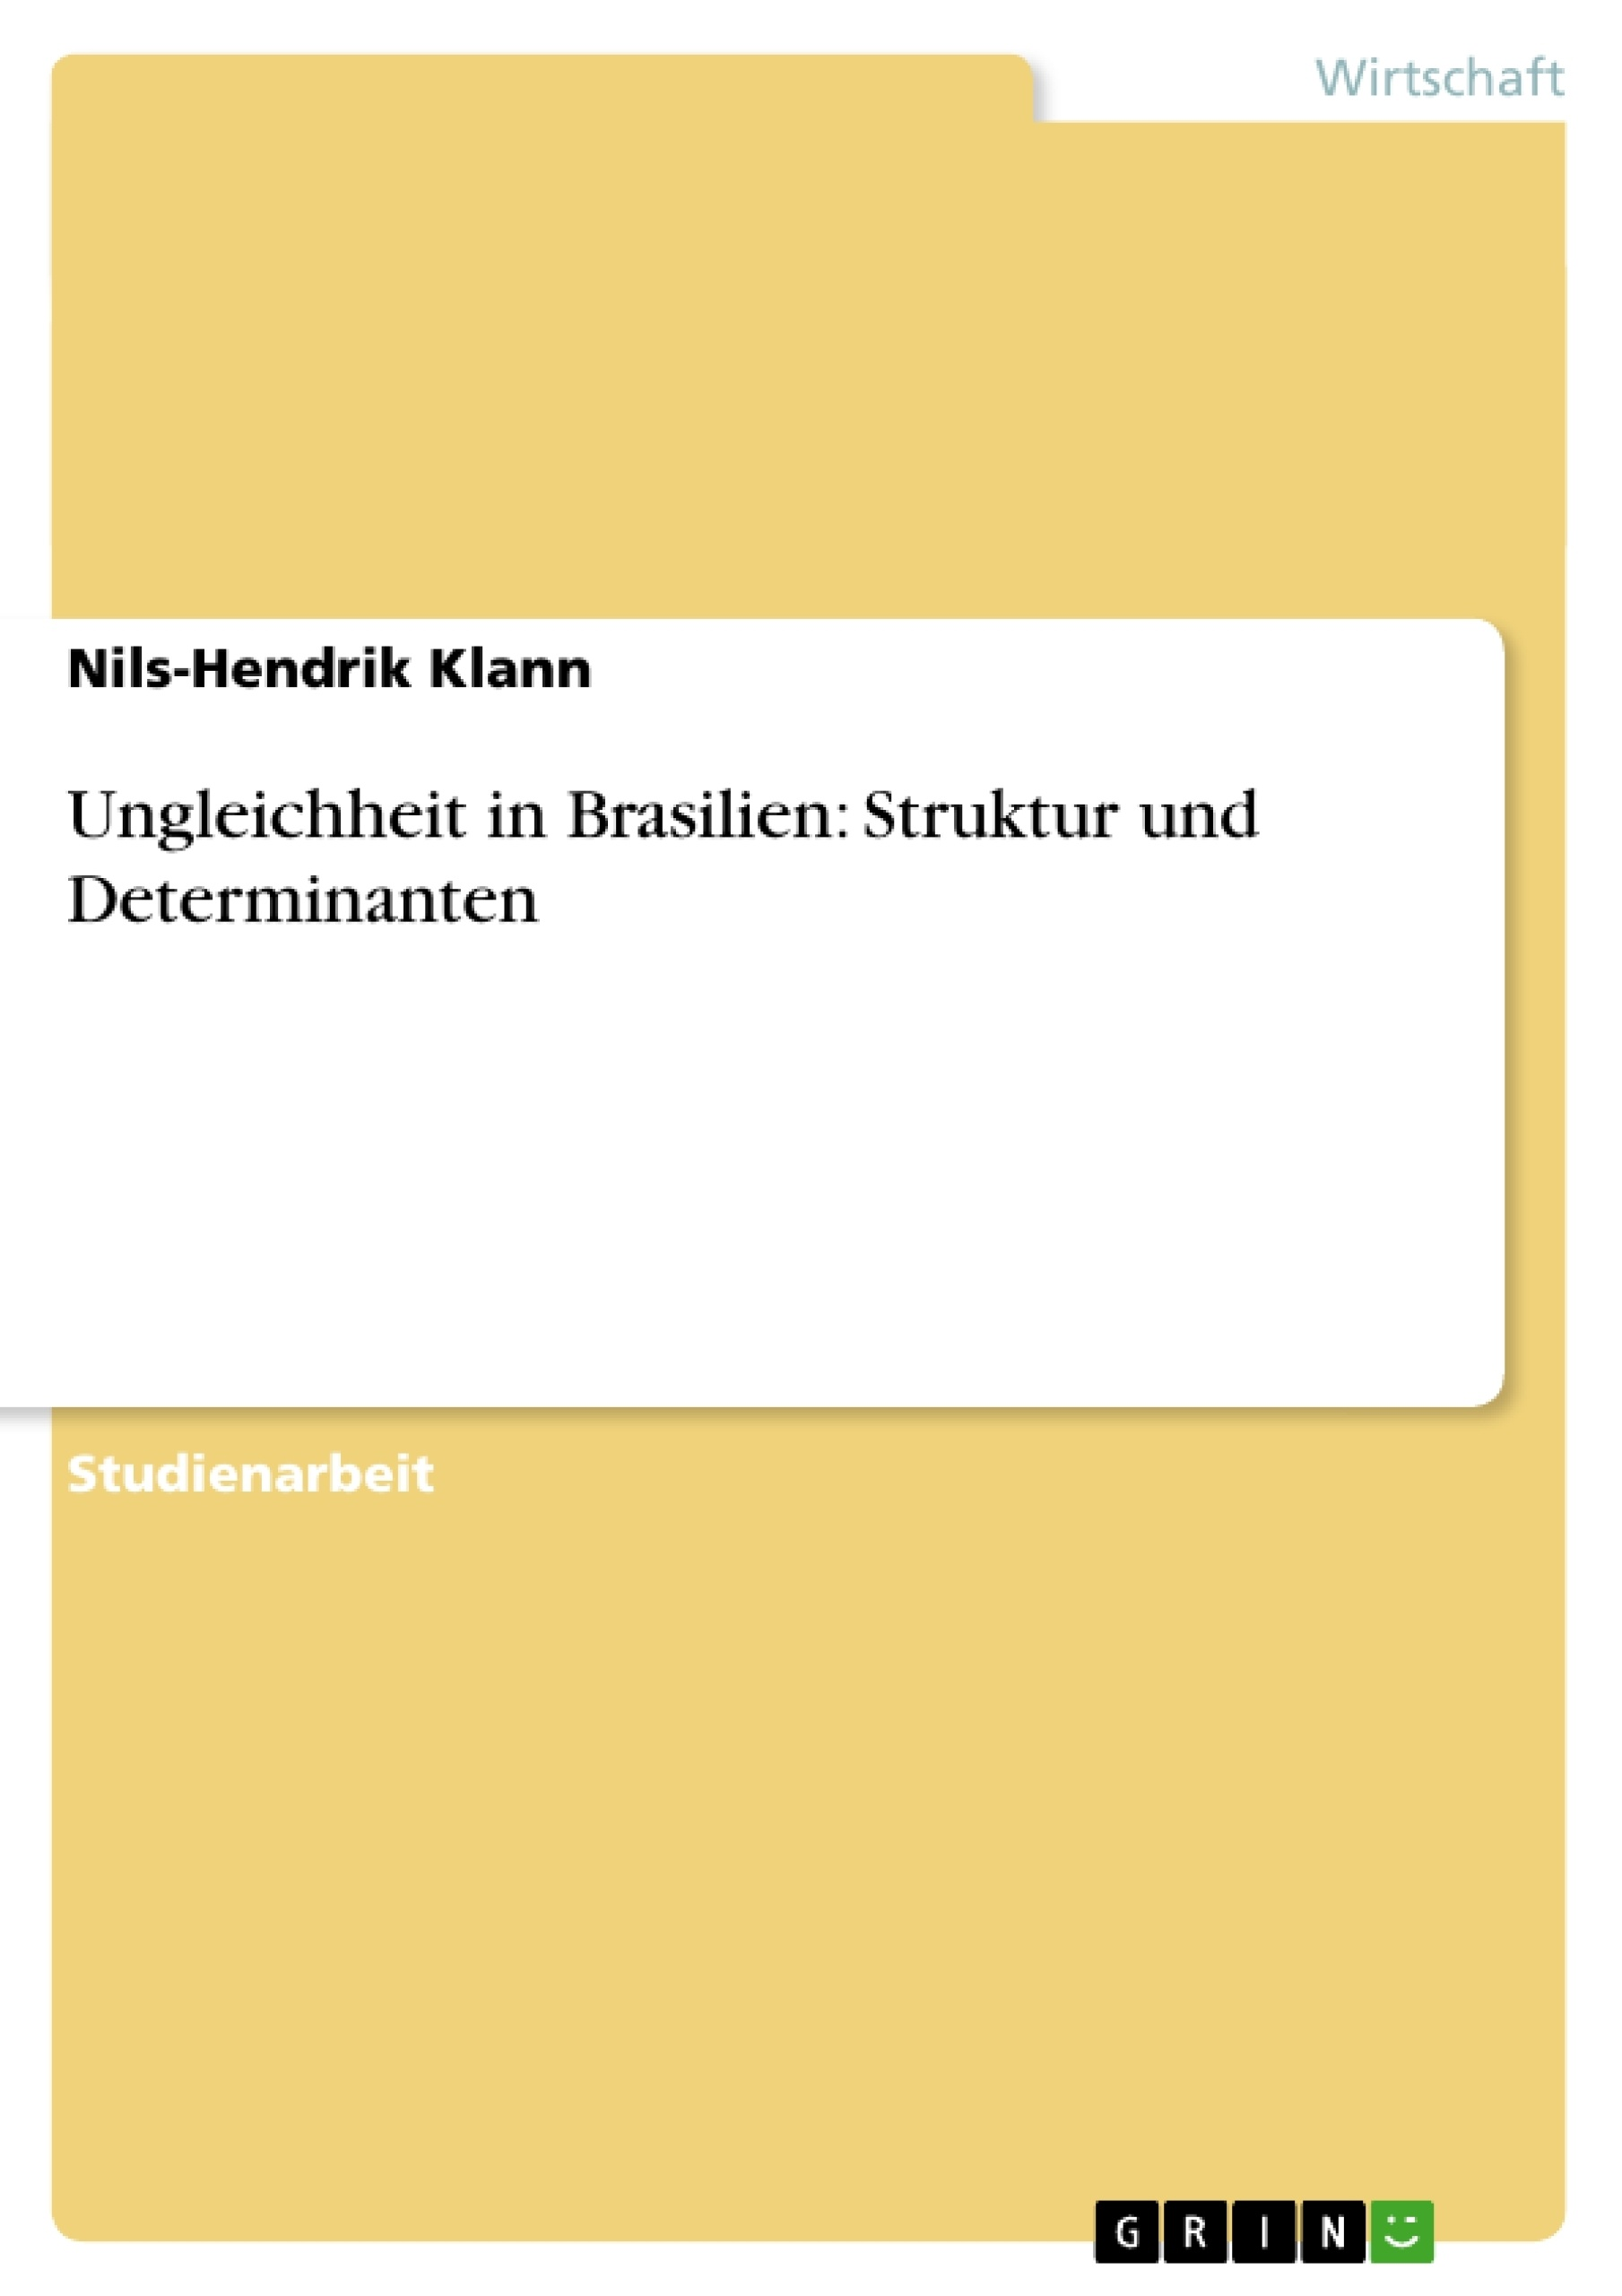 Titel: Ungleichheit in Brasilien: Struktur und Determinanten